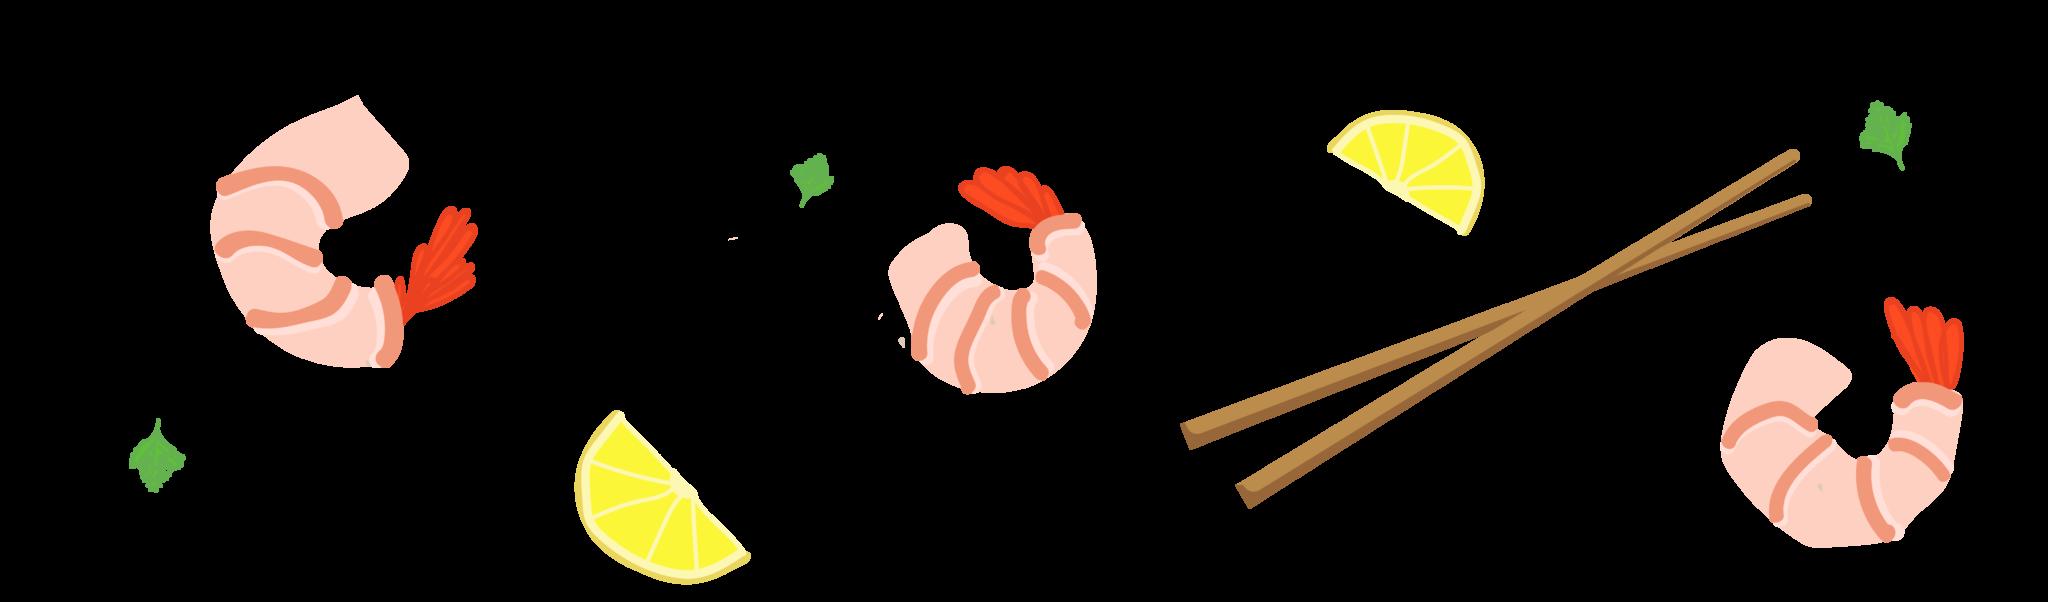 Crémants & cuisine asiatique : des alliés parfaits pour un moment festif